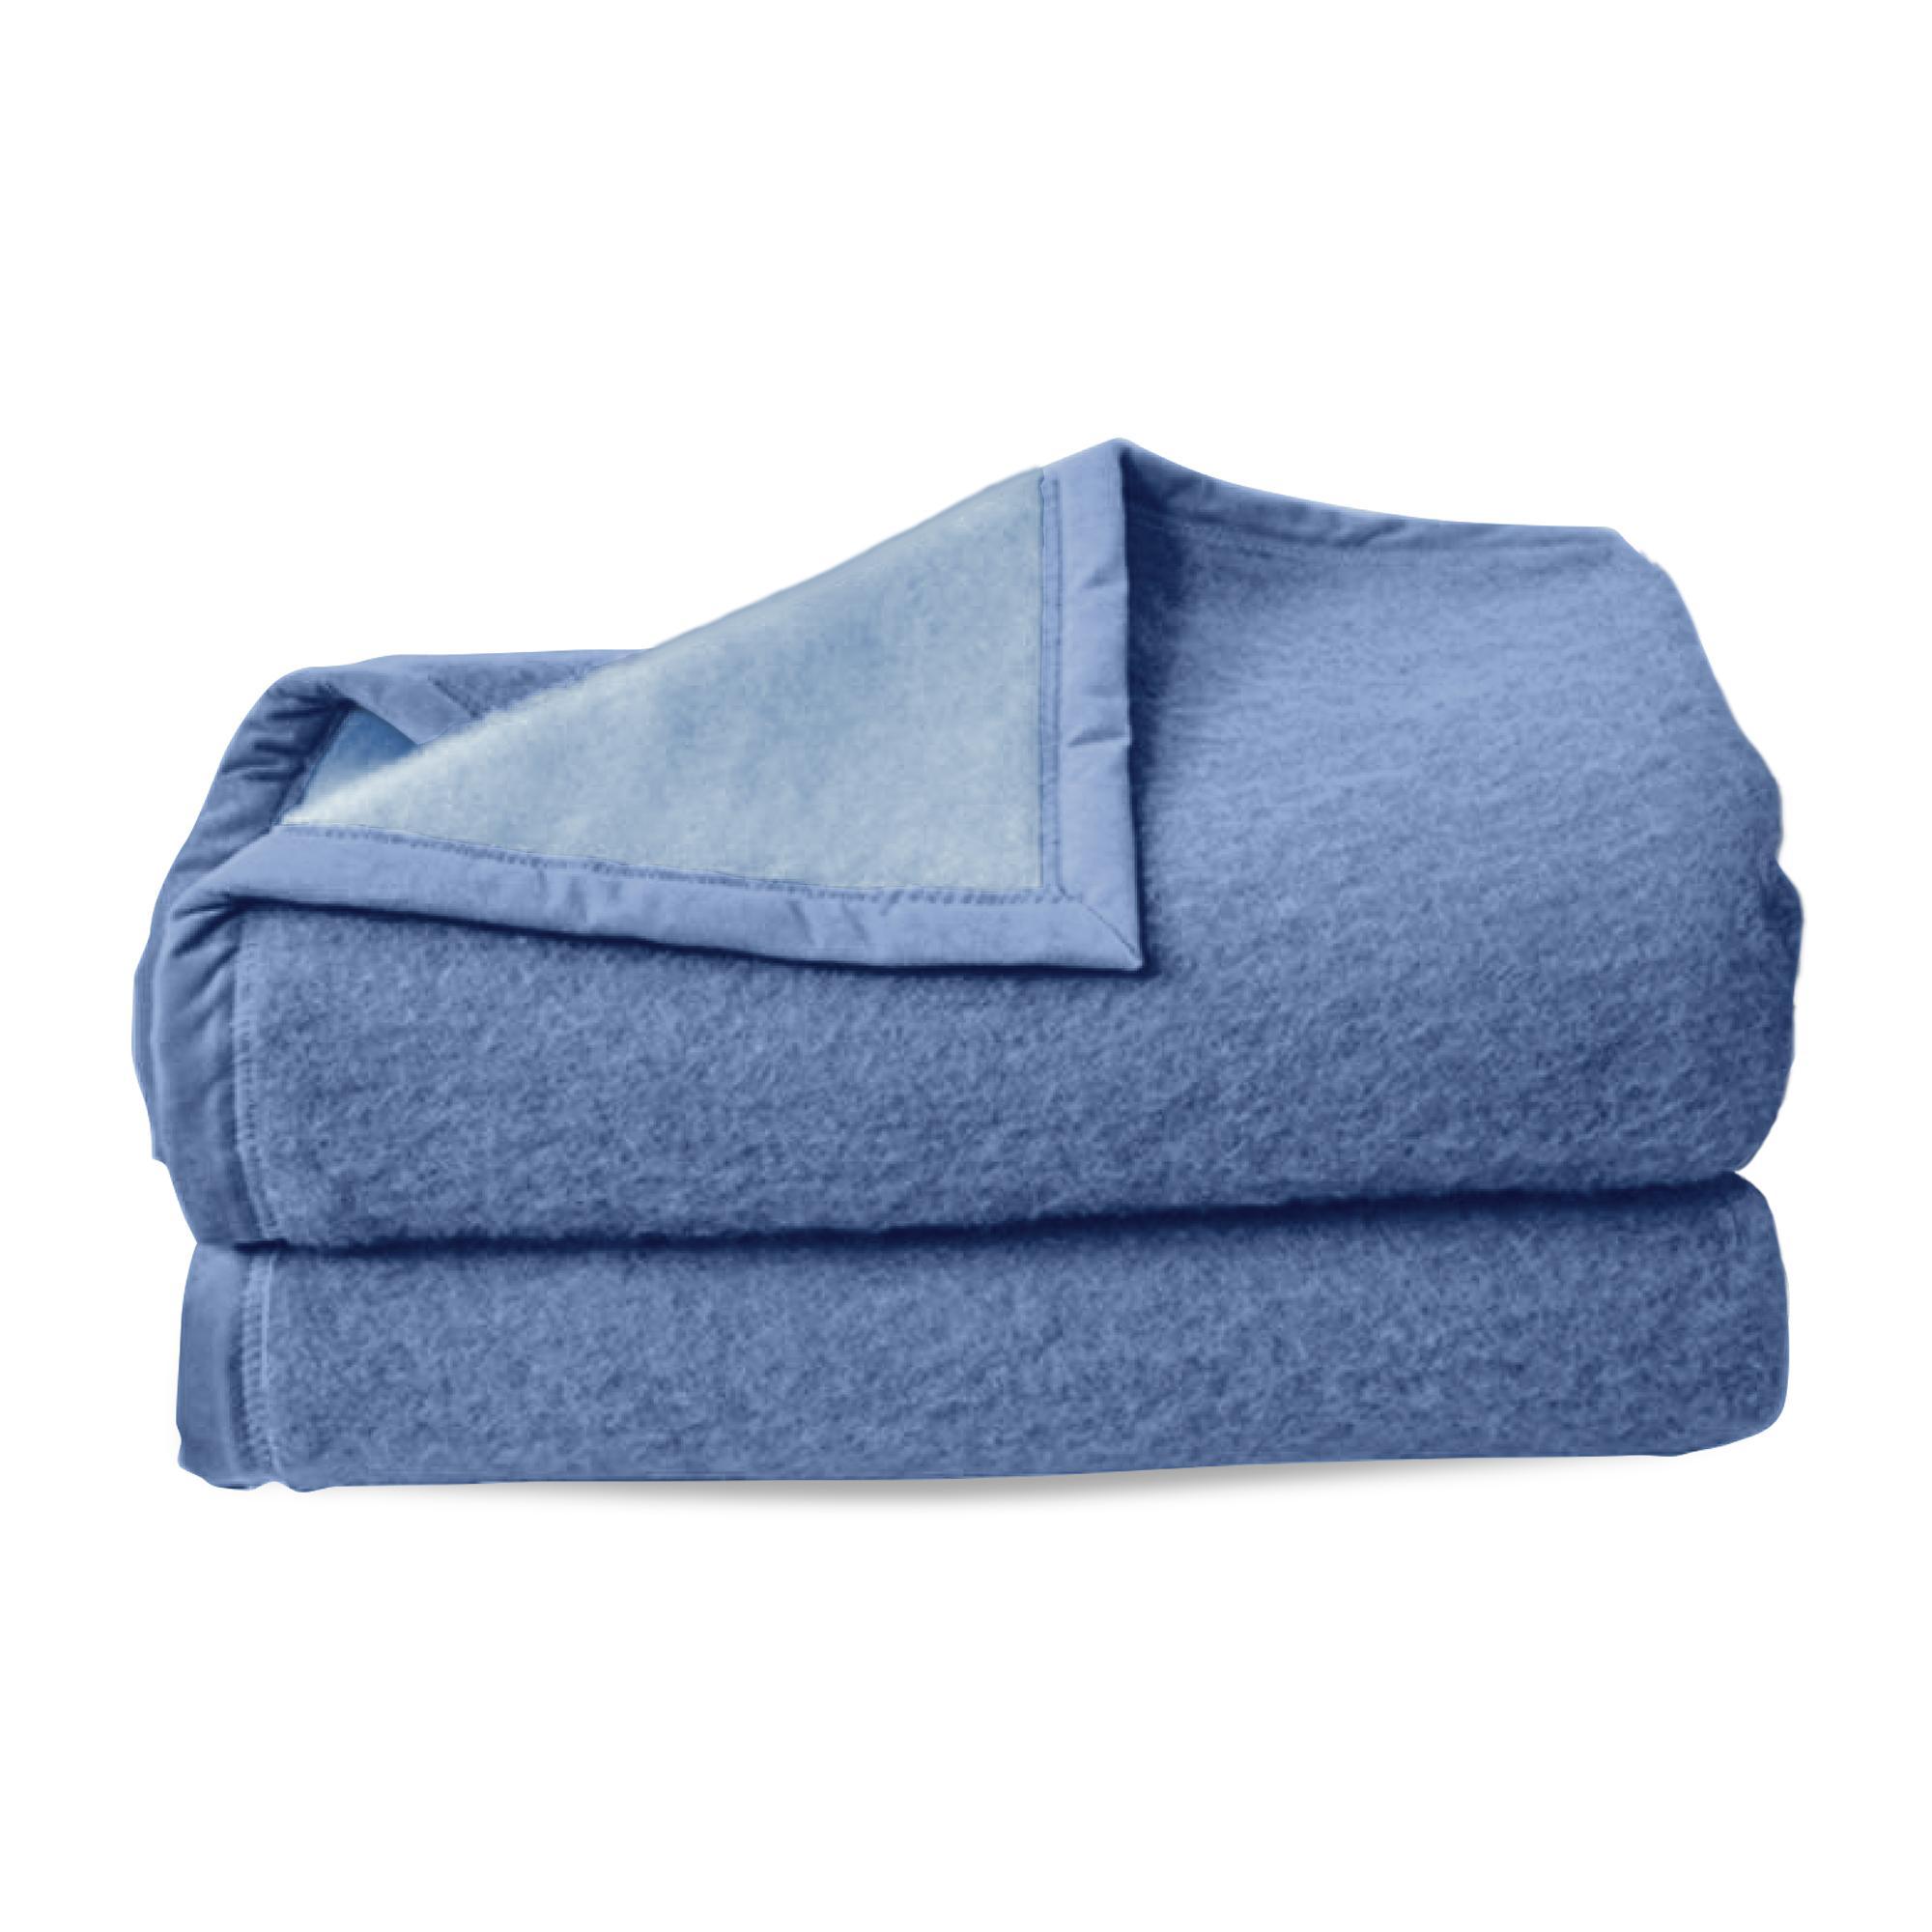 couverture pure laine vierge woolmark 600g m cybele 220x240cm bleu azur linnea linge de. Black Bedroom Furniture Sets. Home Design Ideas